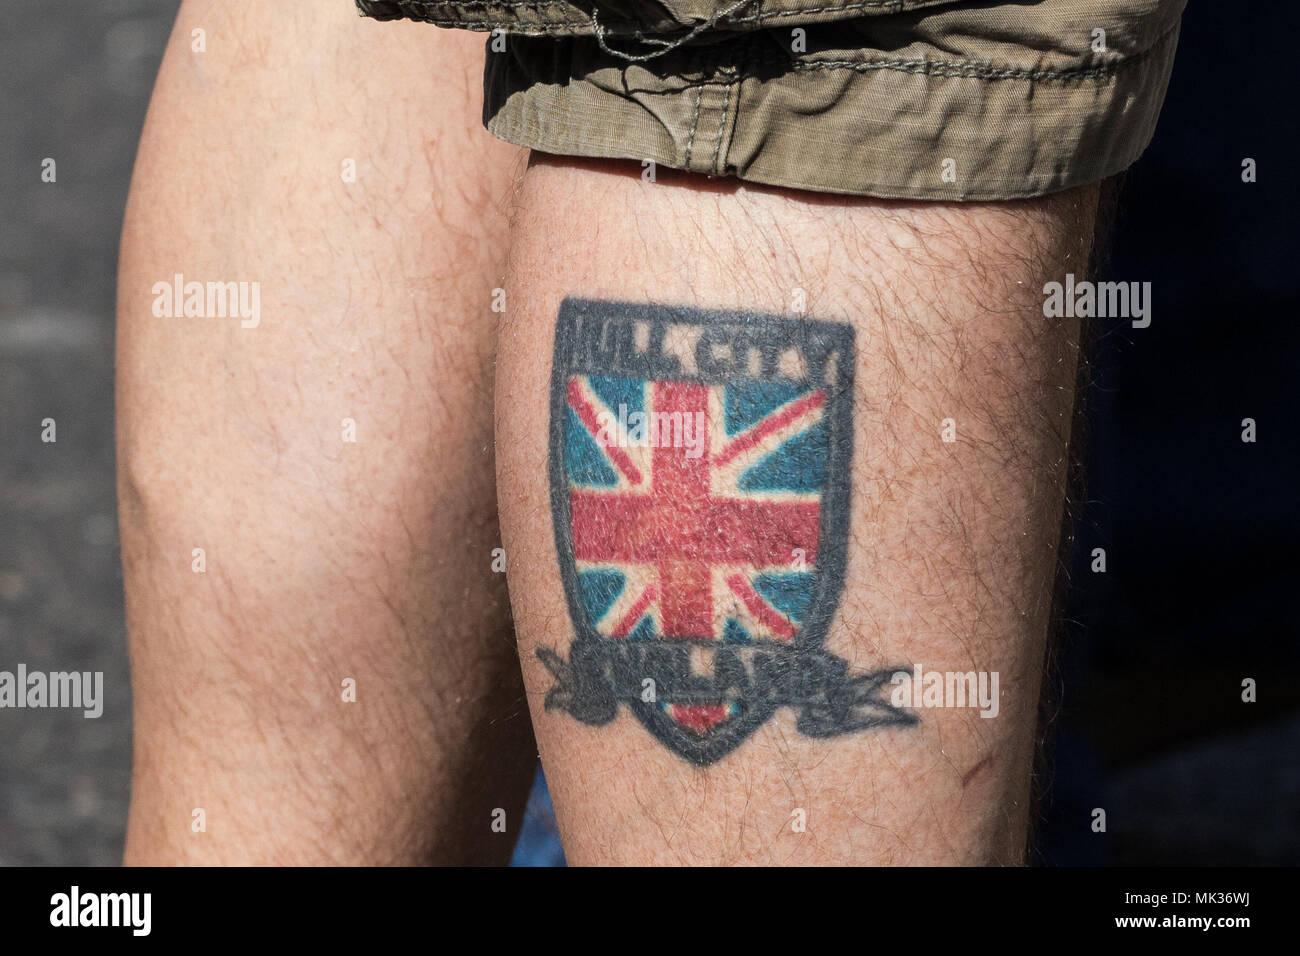 londres, royaume-uni. 6 mai, 2018. un tatouage sur la jambe d'un